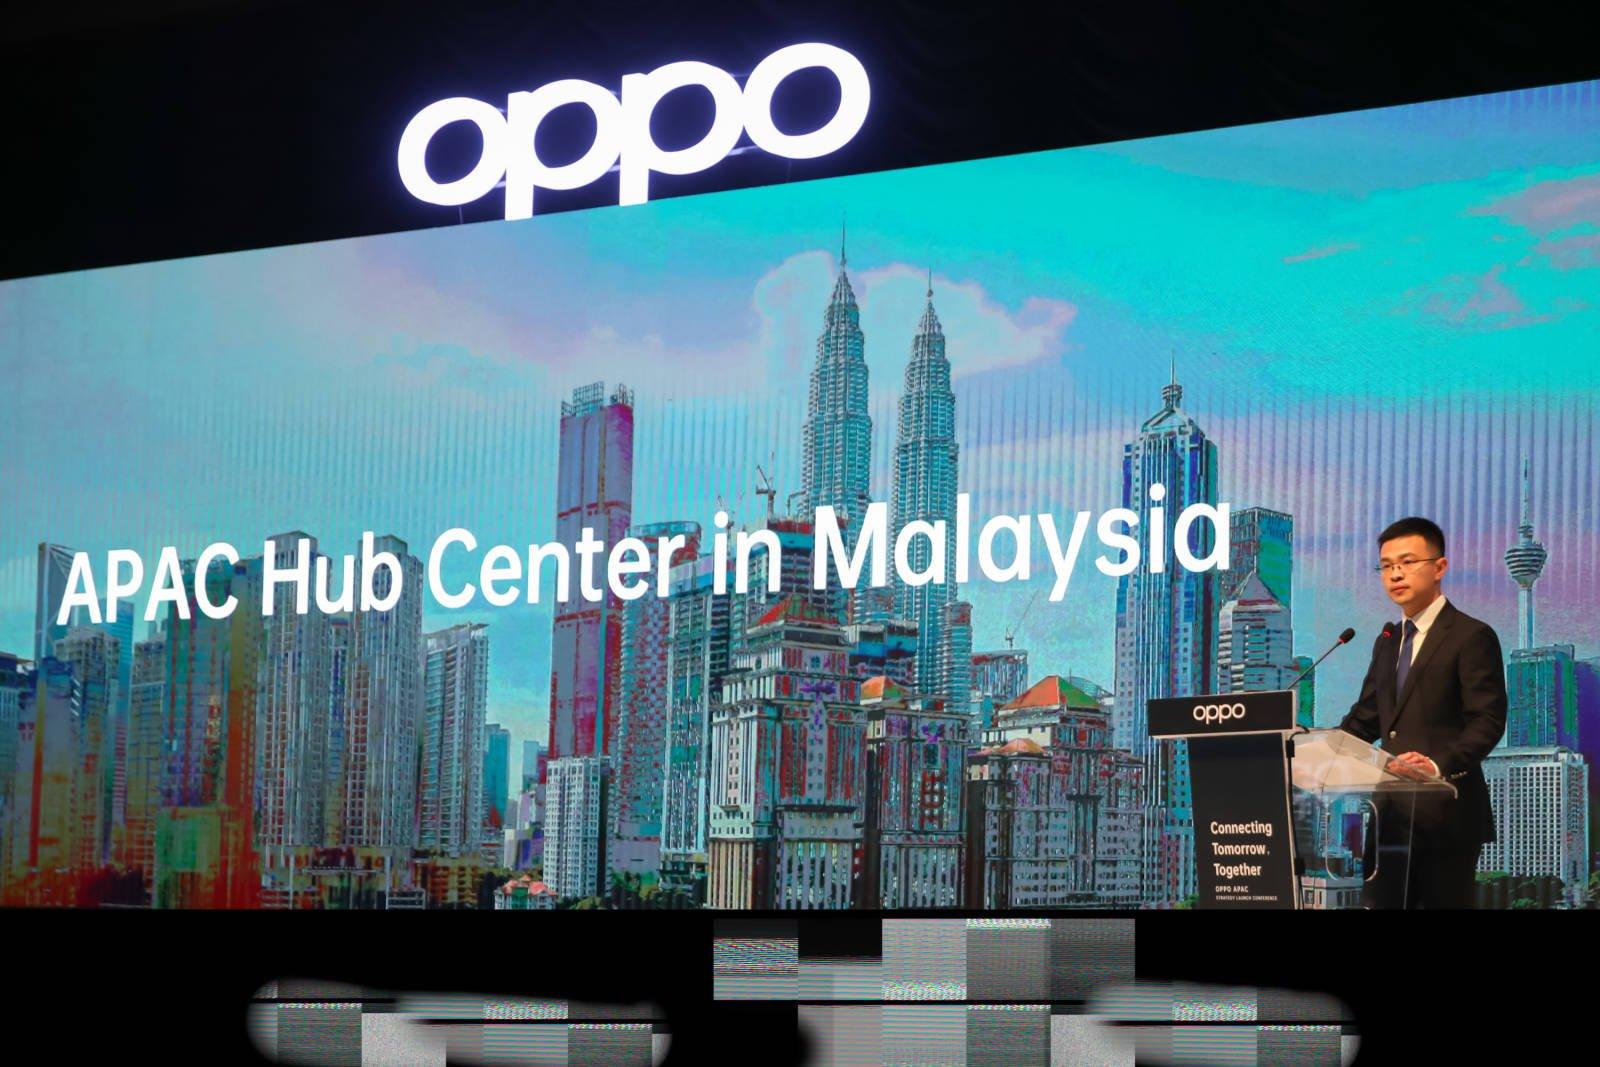 OPPO ra mắt trung tâm chiến lược APAC